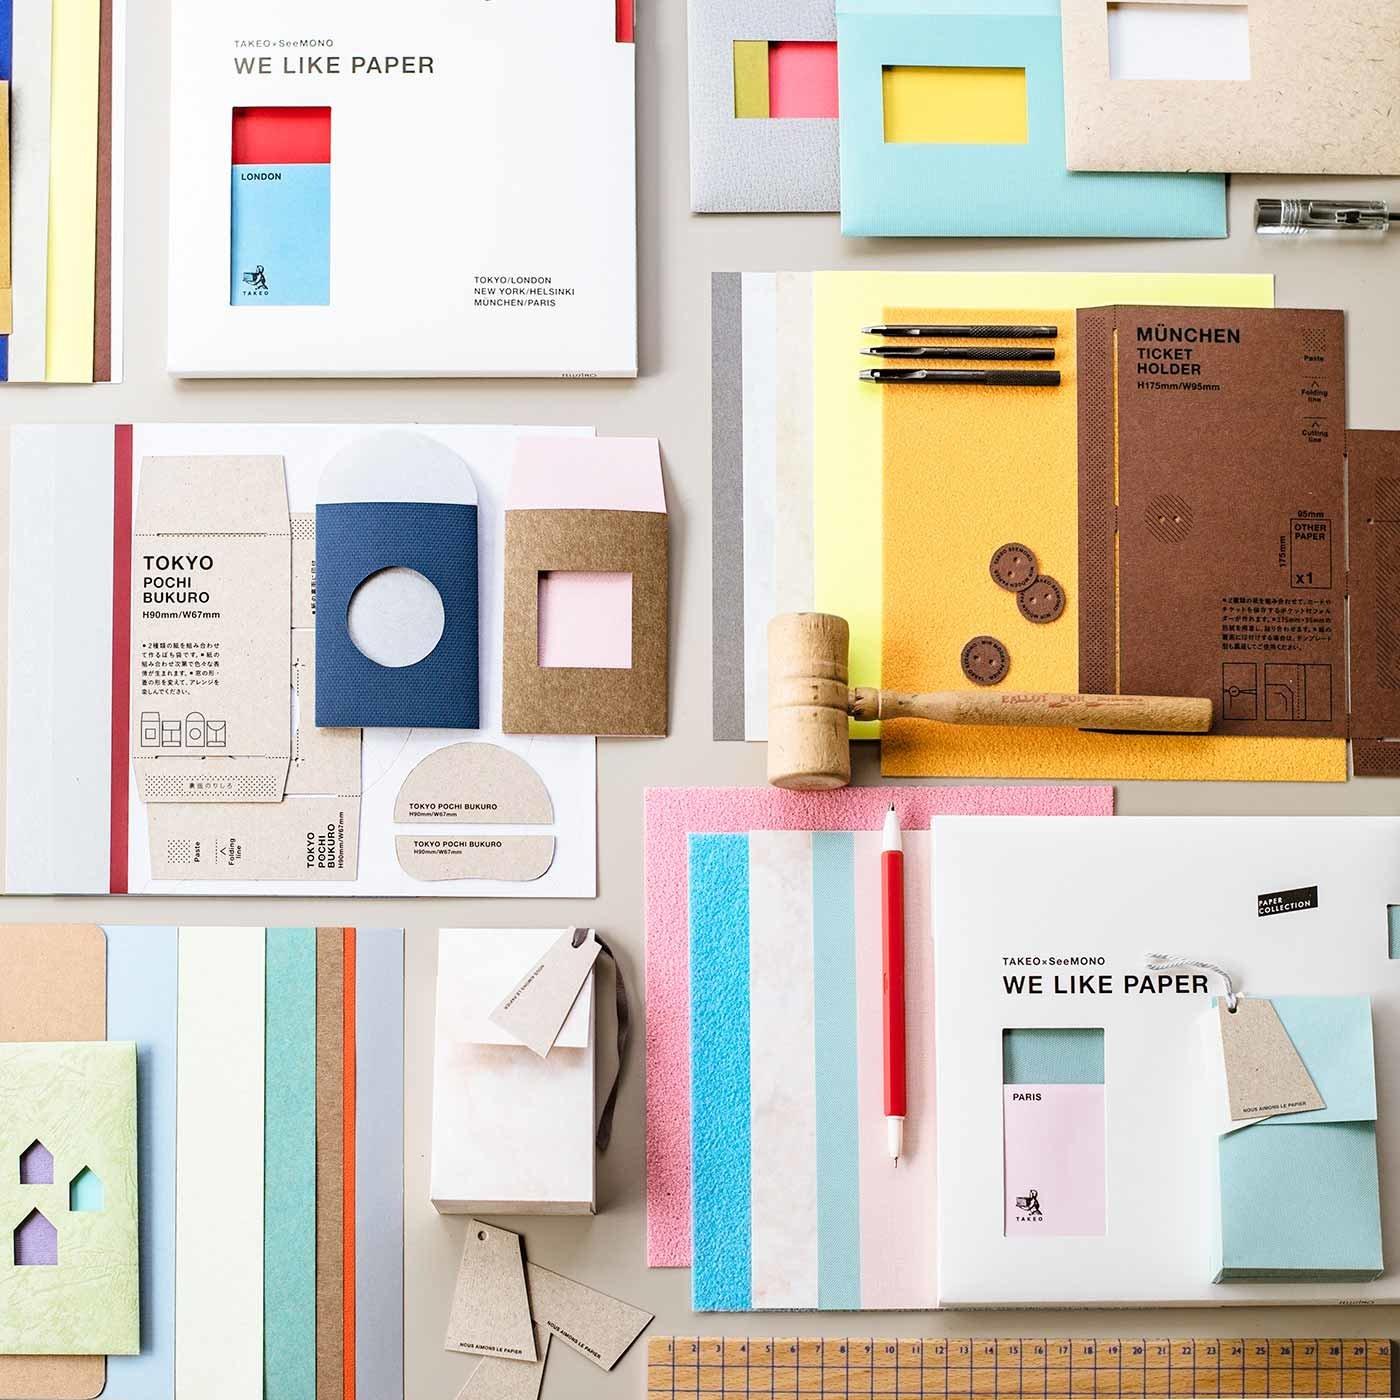 紙の専門商社 竹尾 監修 世界6都市をイメージした紙コレクション&テンプレートの会